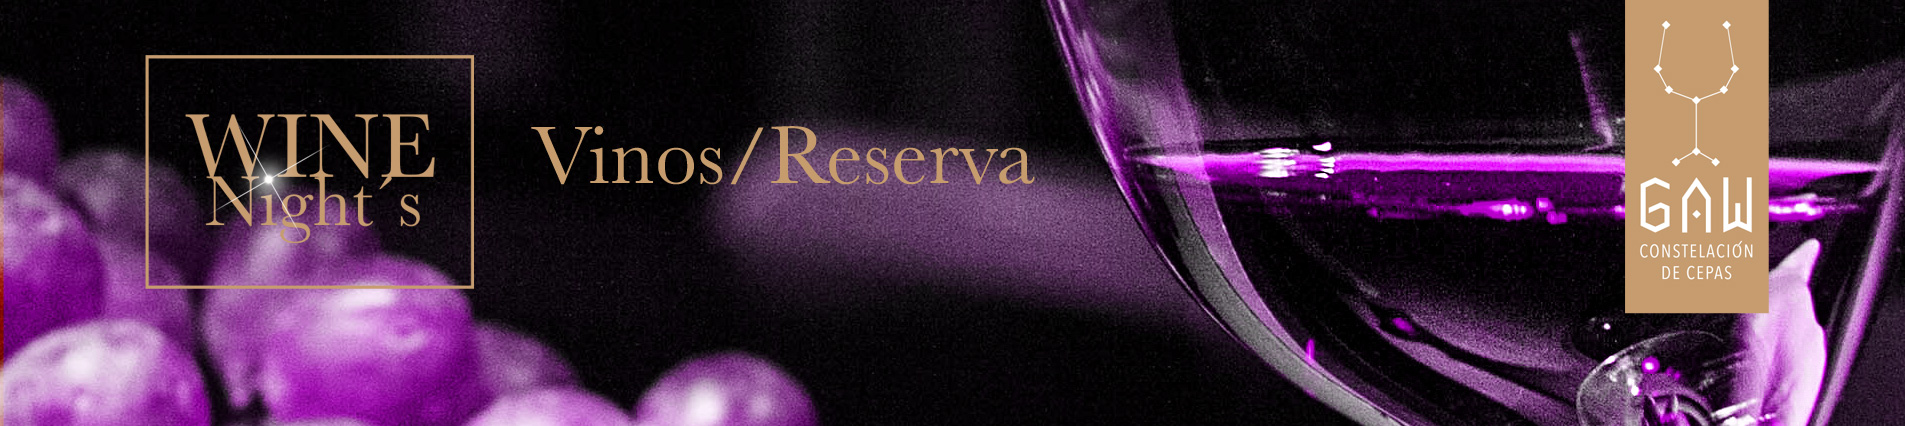 Vinos Reserva